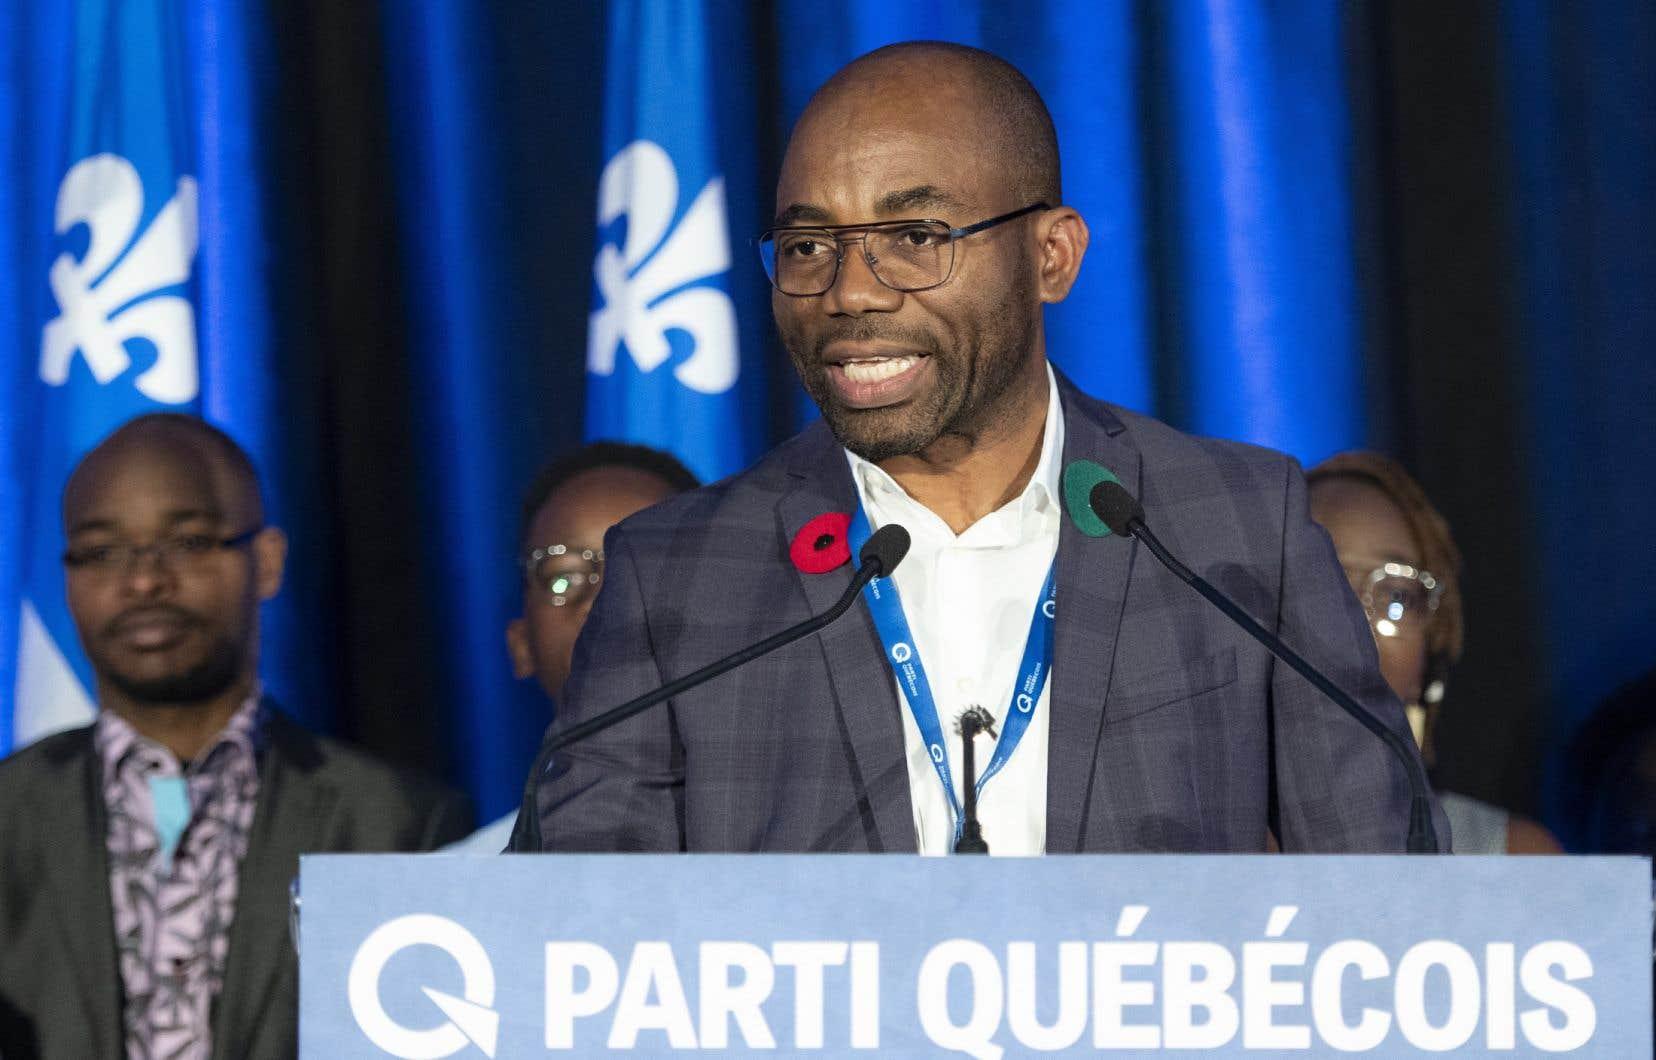 «Les Québécoises et les Québécois bénéficieraient de ce succès collectif par le biais de services plus efficaces, répondant à leurs besoins et aux enjeux qui nous sont propres», estime le président du Parti québécois, Dieudonné Ella Oyono (photo).